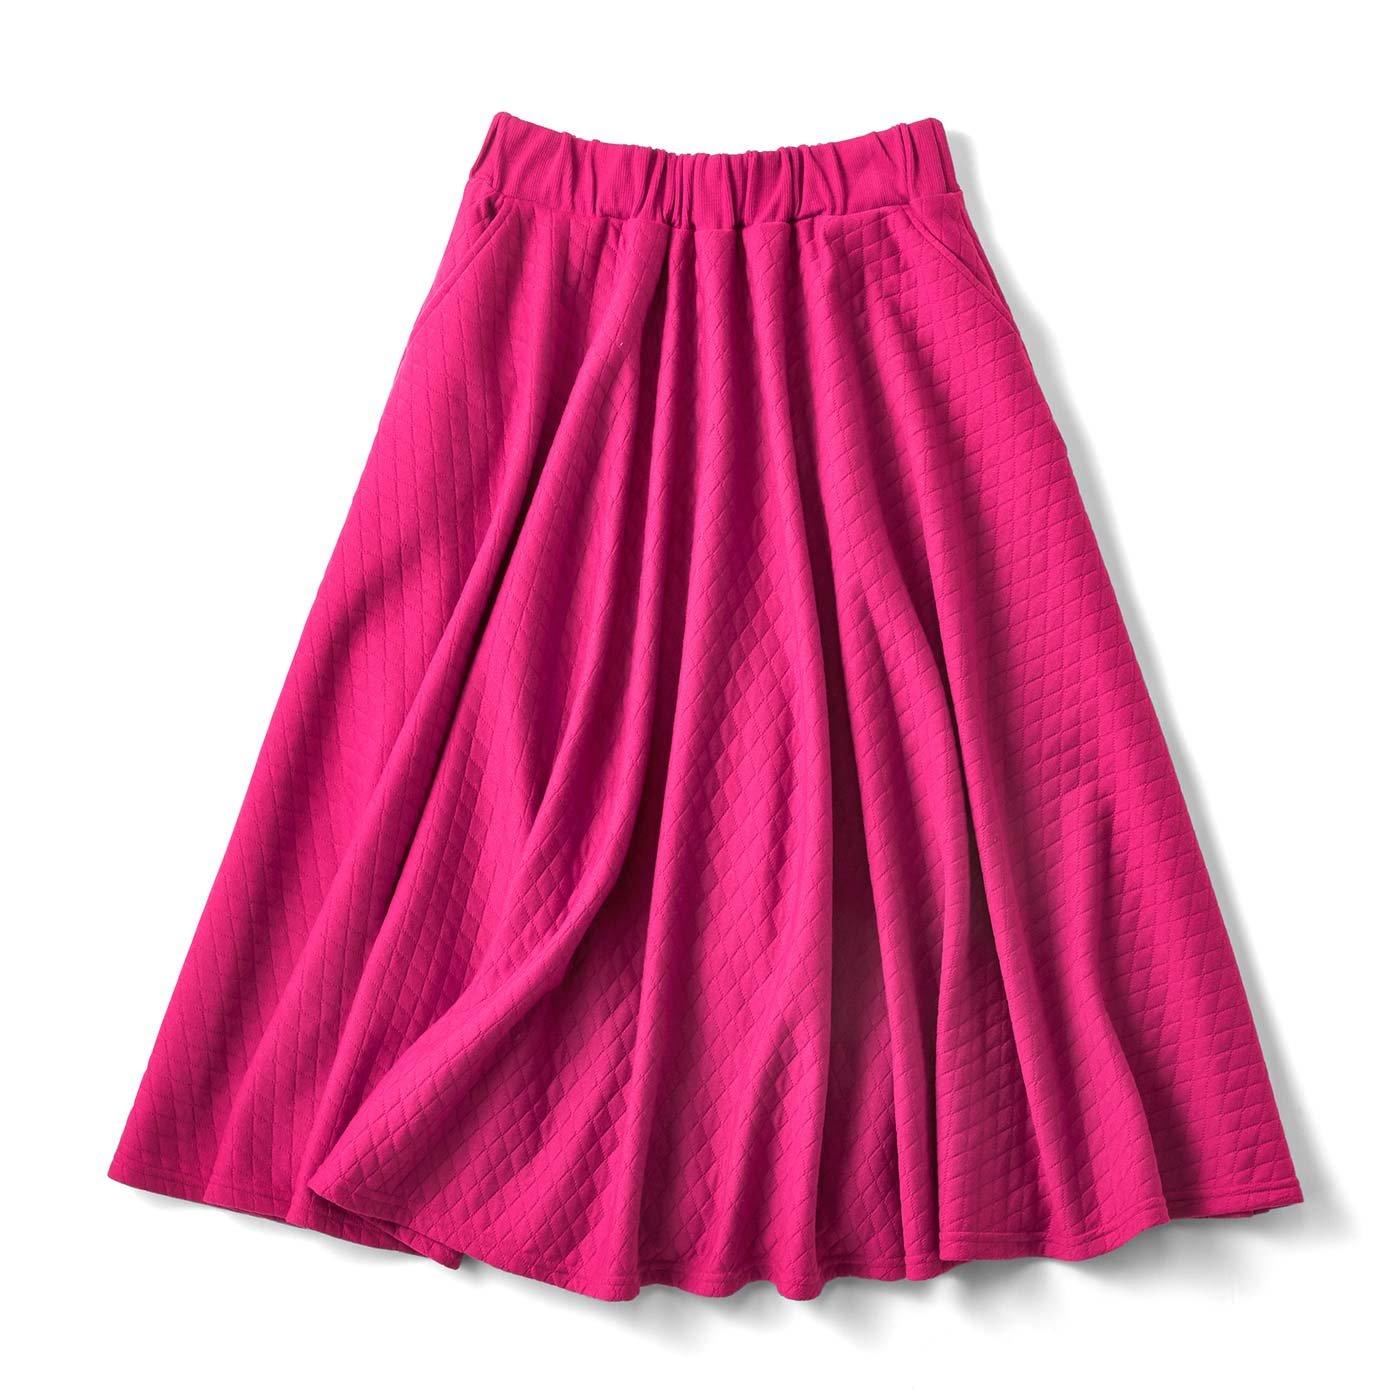 思わずくるっとしたくなる♪ キルティングサーキュラースカート〈ラズベリー〉